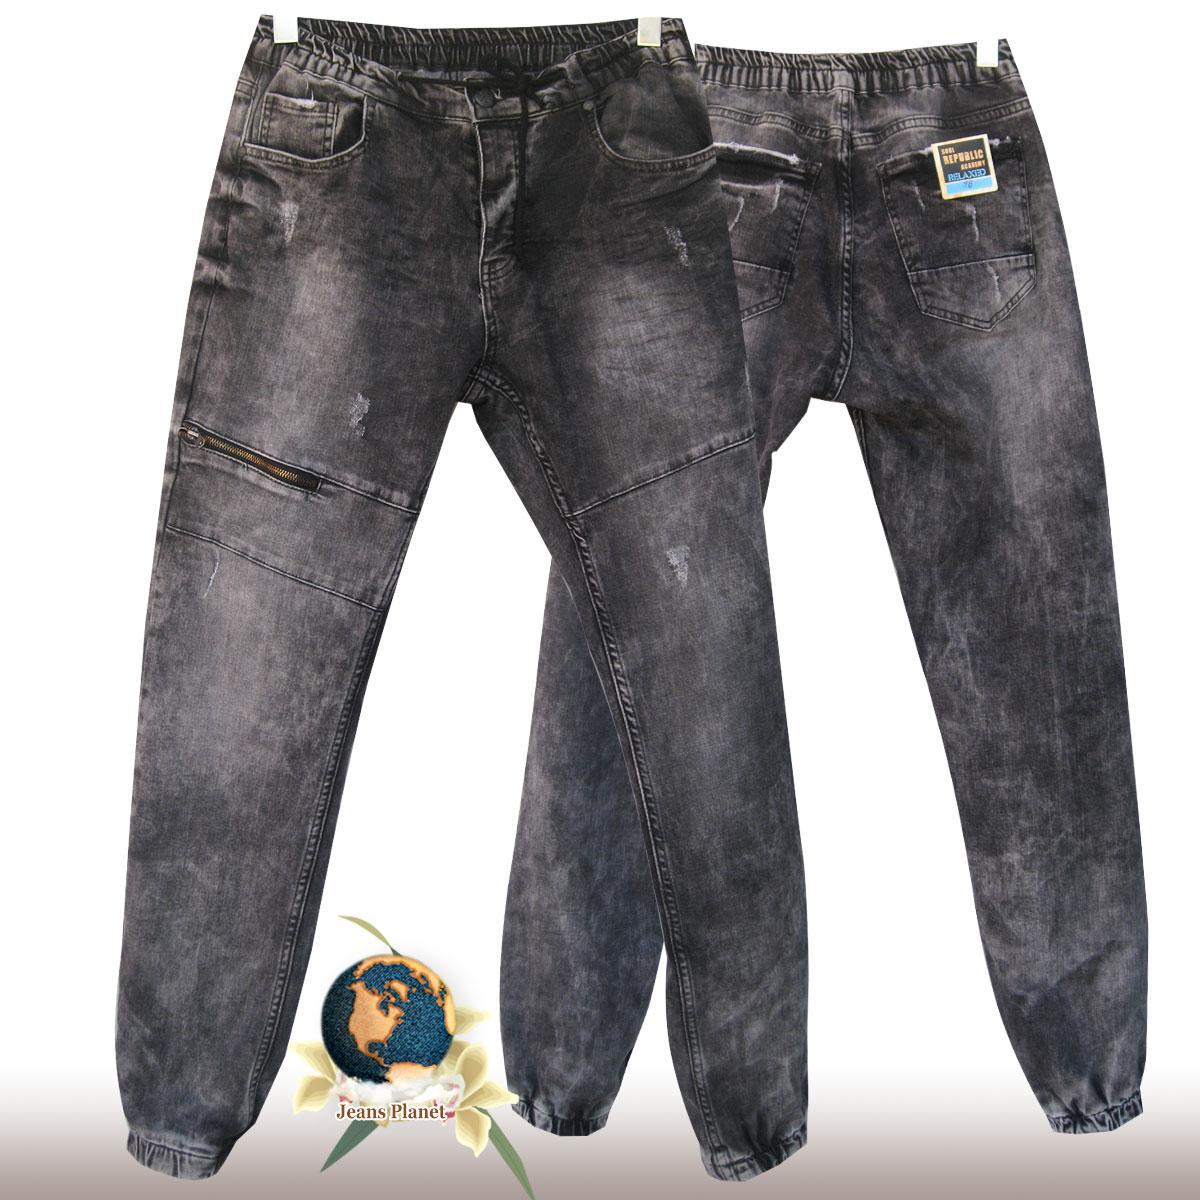 Джинси чоловічі звужені на манжеті - резинці сірого кольору 28 розмір